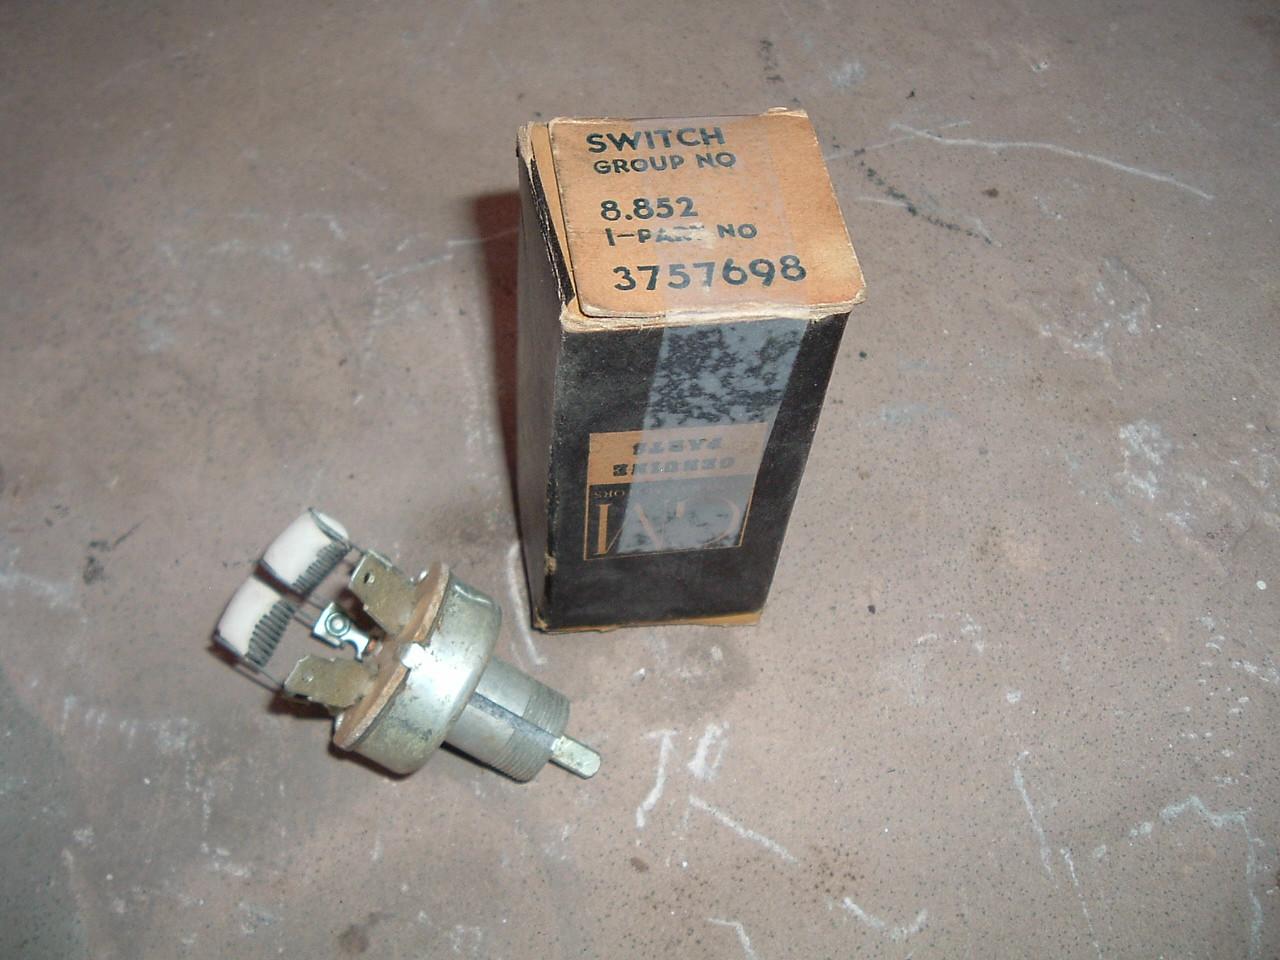 1955 56 57 58 59 chevrolet truck pickup passenger heater fan blower switch # 3757698 (z 3757698)